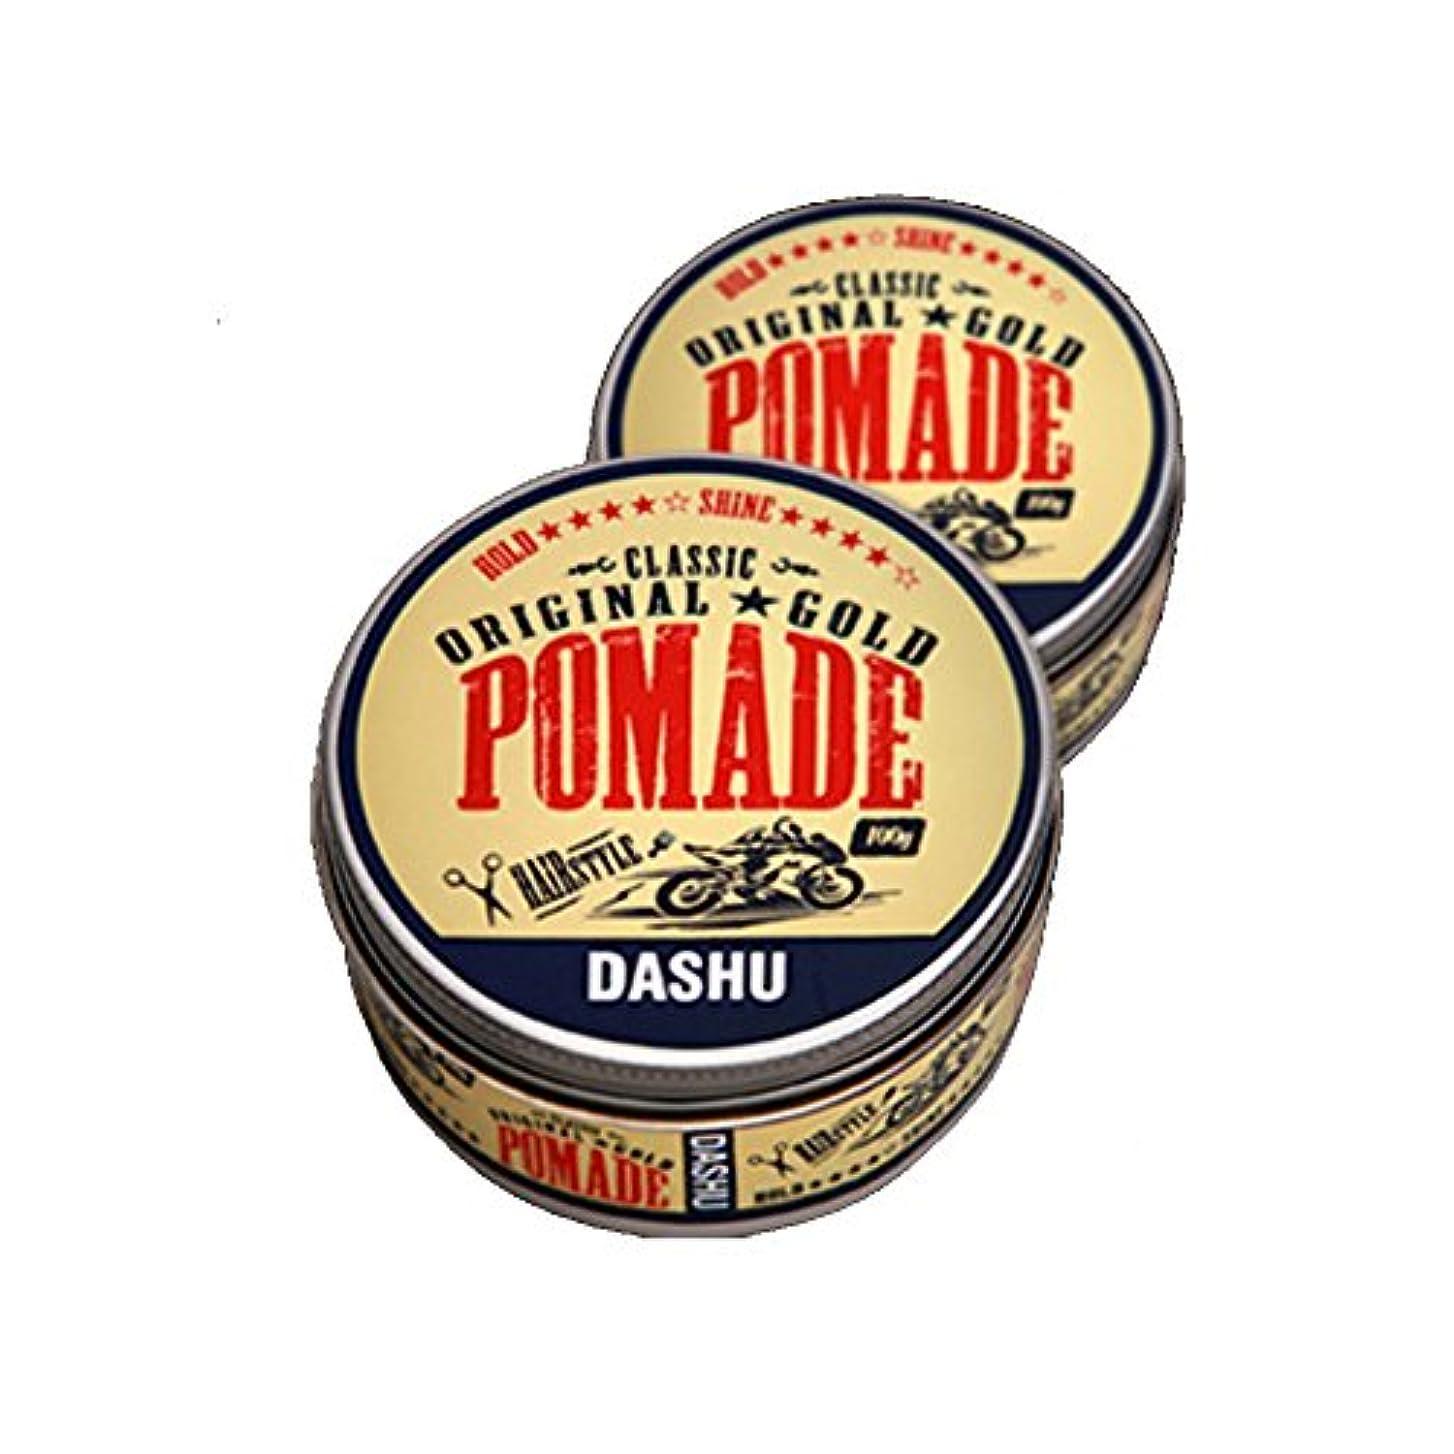 プラカード最後にゴネリル(2個セット) x [DASHU] ダシュ クラシックオリジナルゴールドポマードヘアワックス Classic Original Gold Pomade Hair Wax 100ml / 韓国製 . 韓国直送品